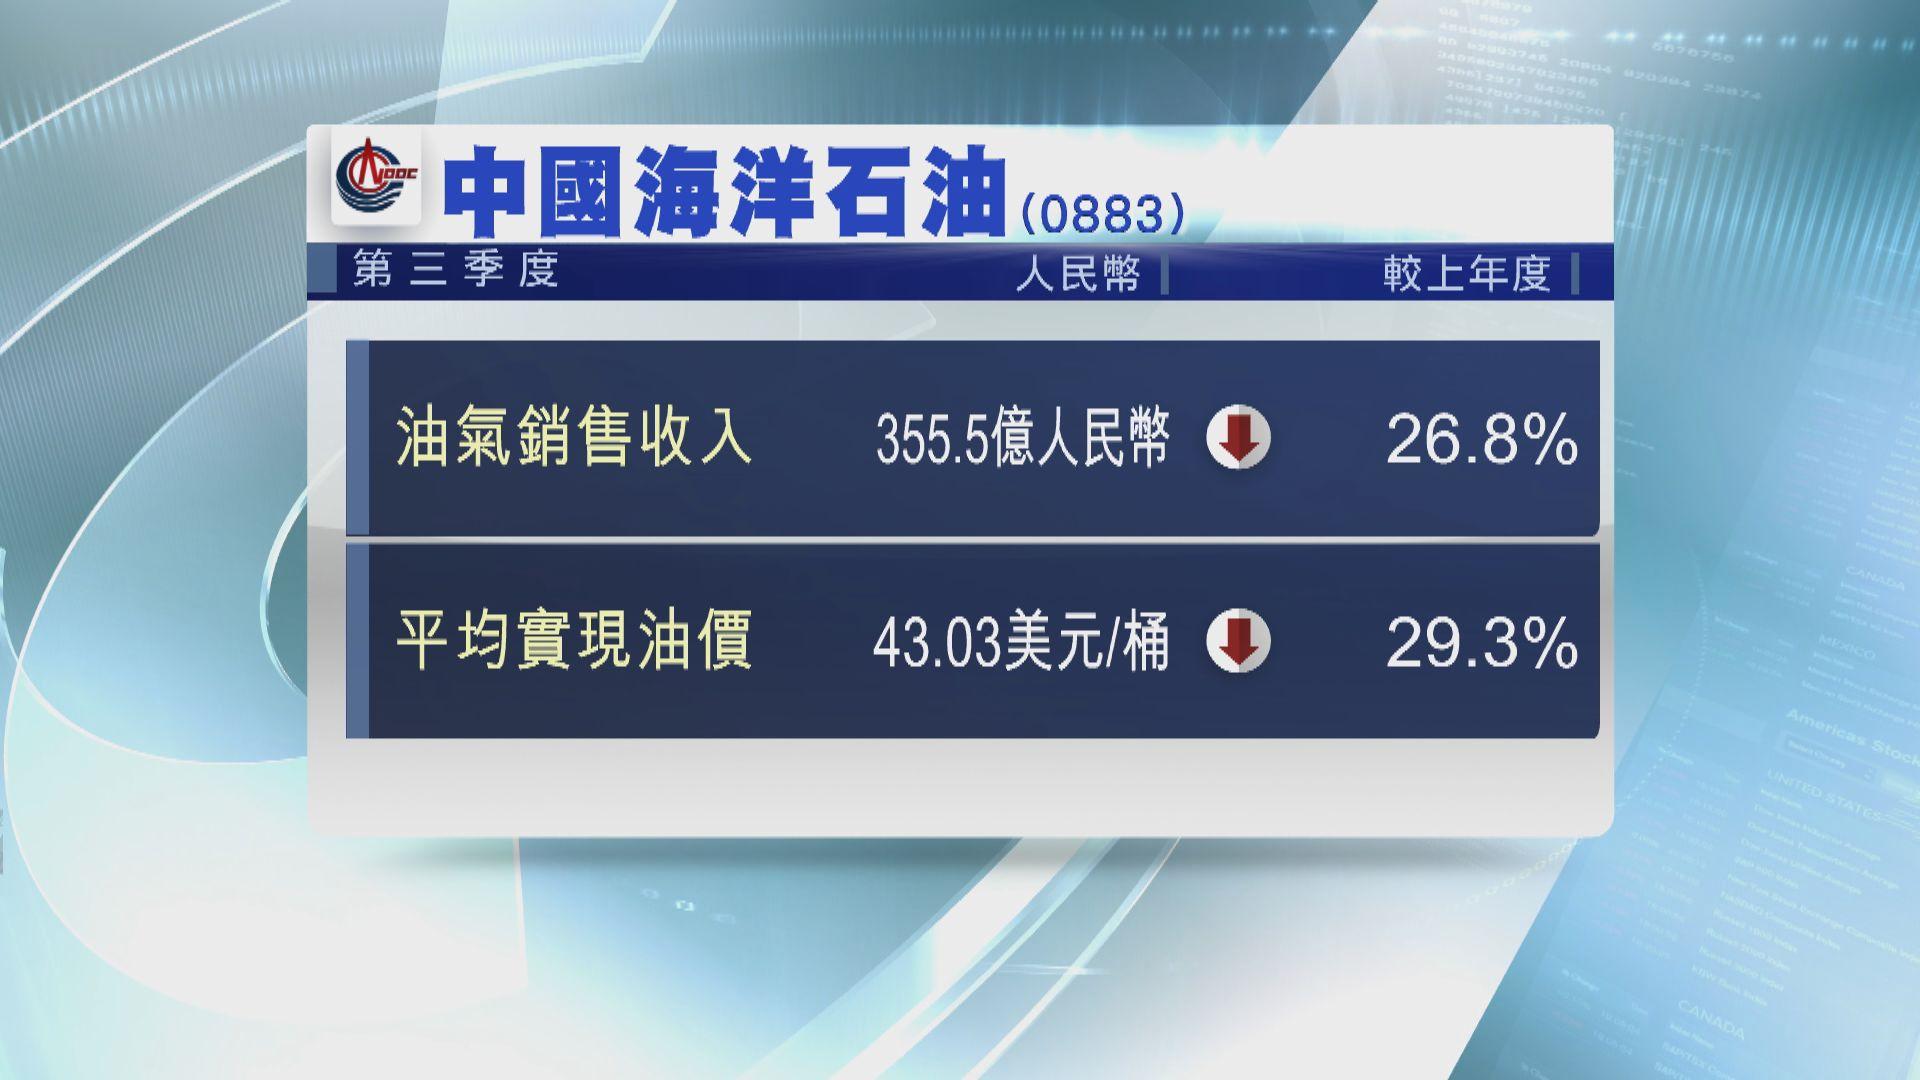 中海油第三季油氣銷售收入 跌26%